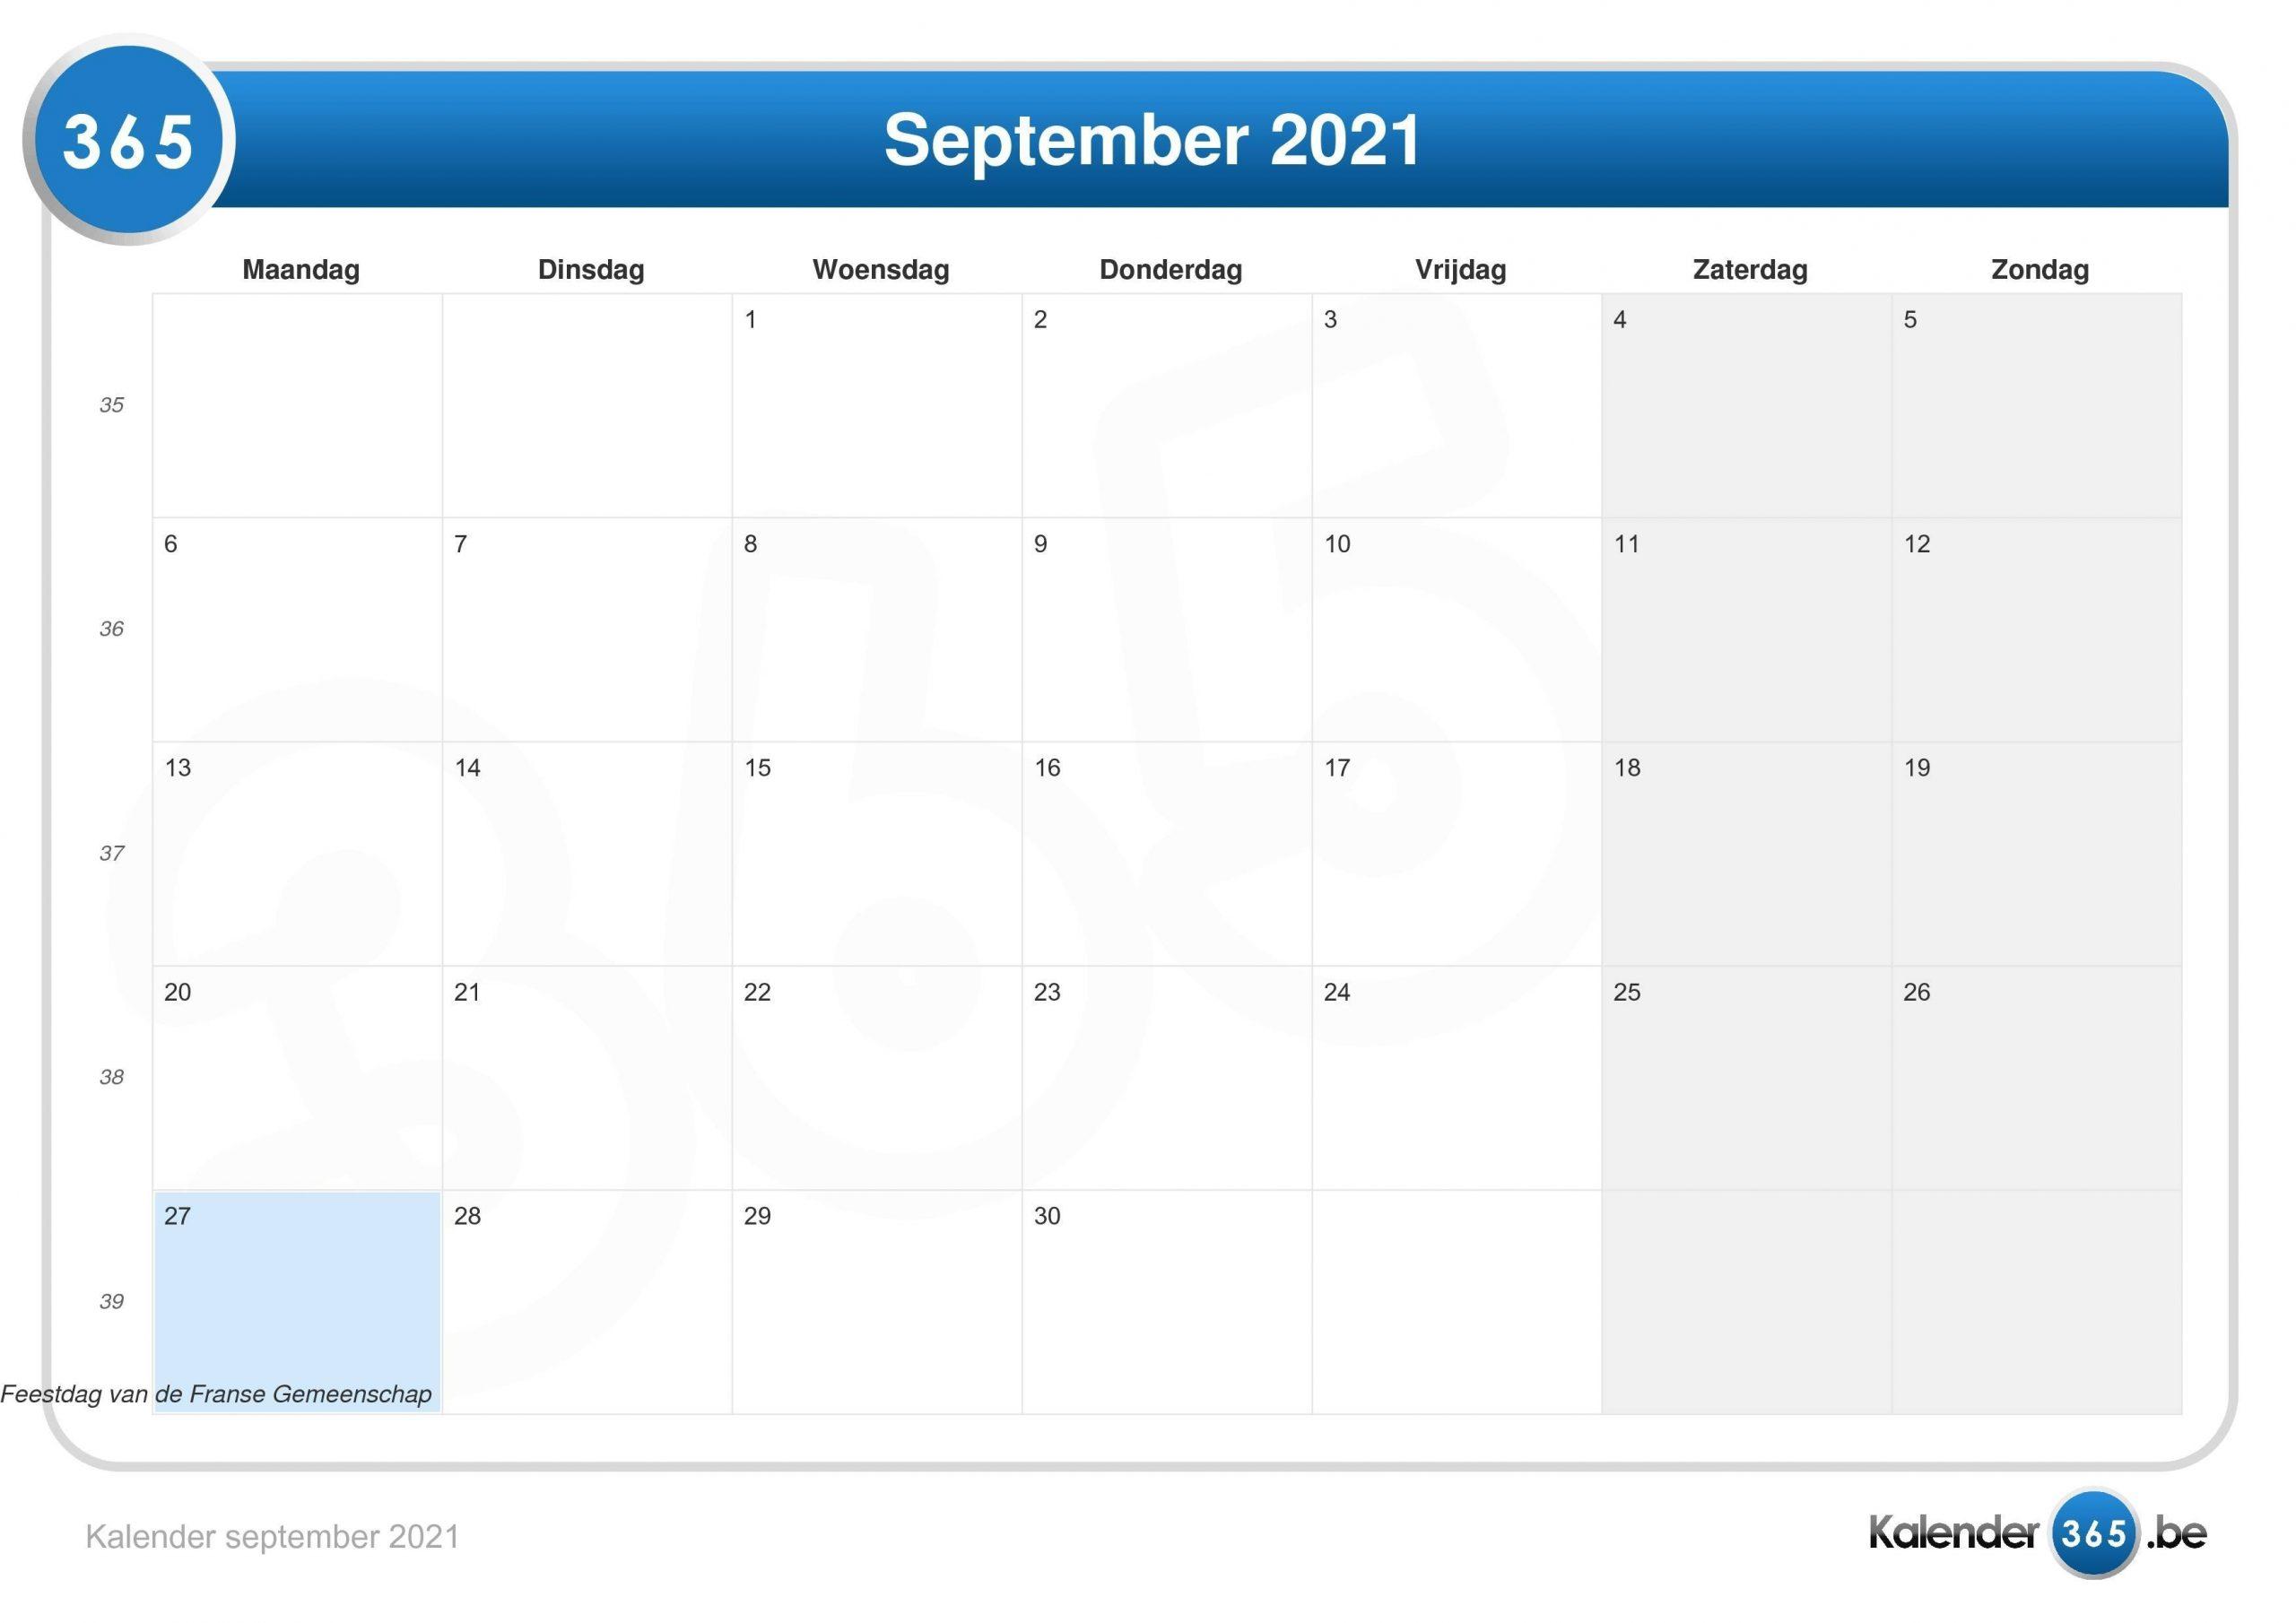 Take Kalender 2021 Augustus September